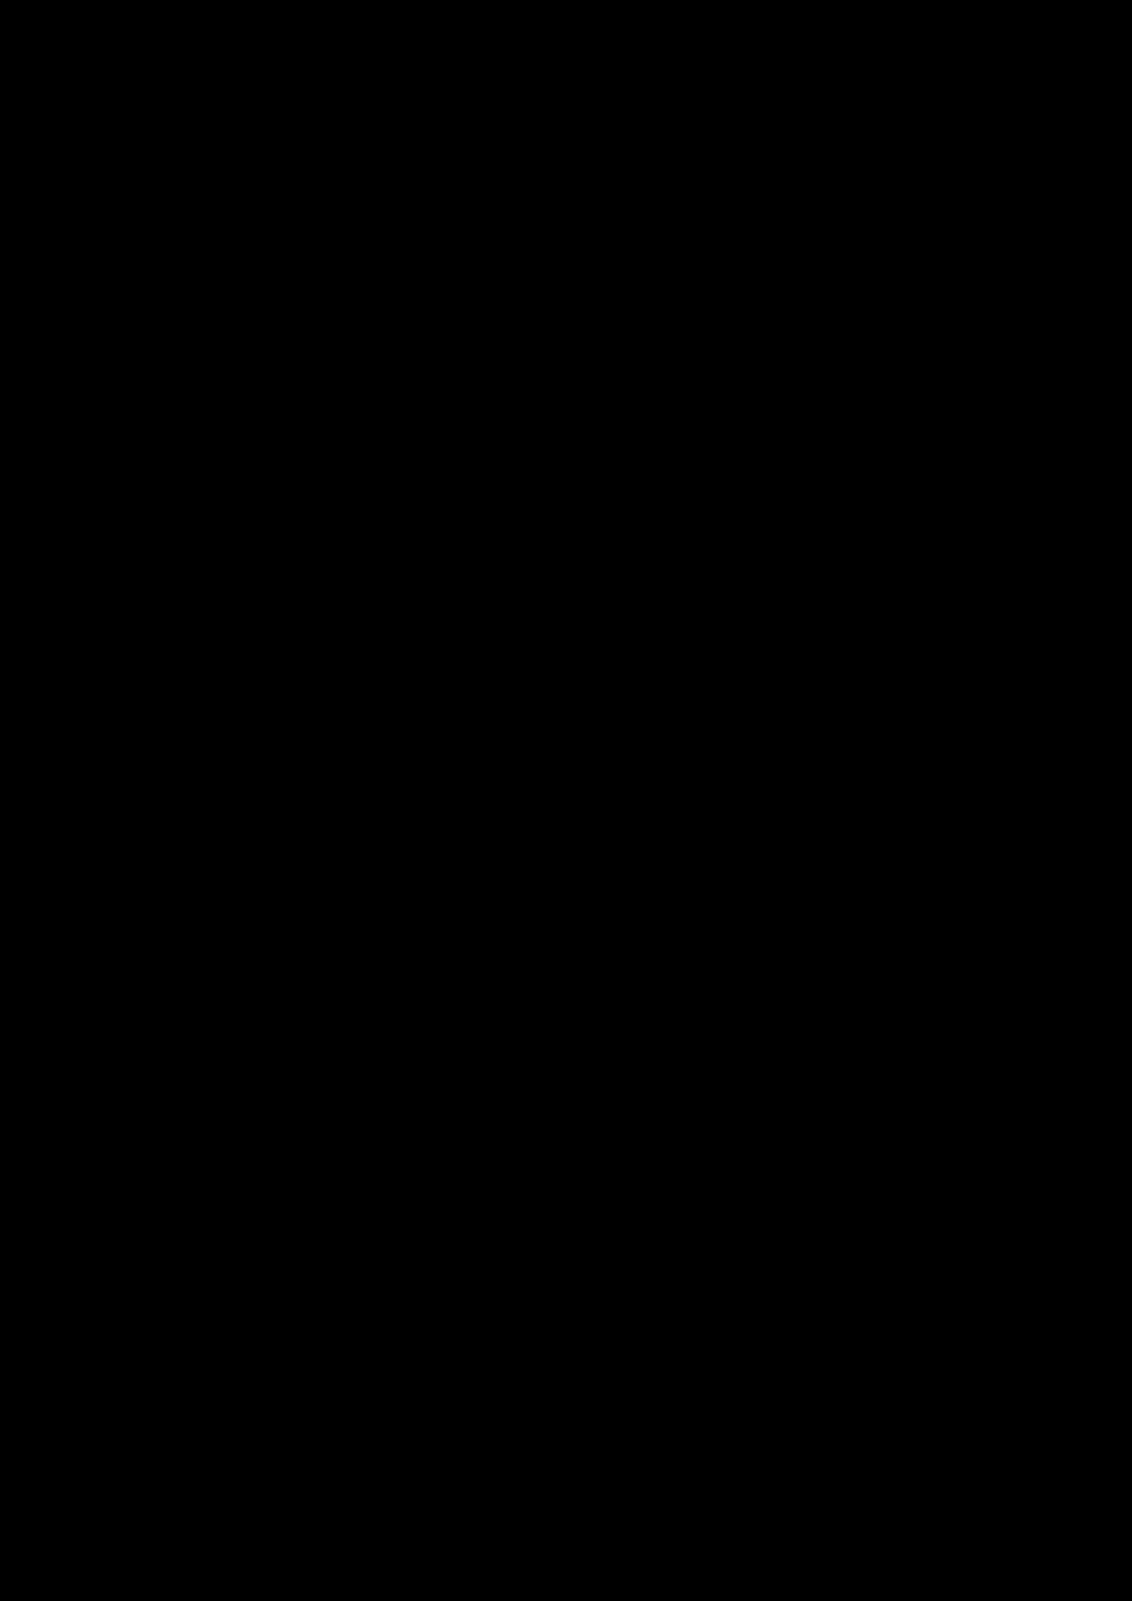 Serdtse slide, Image 8